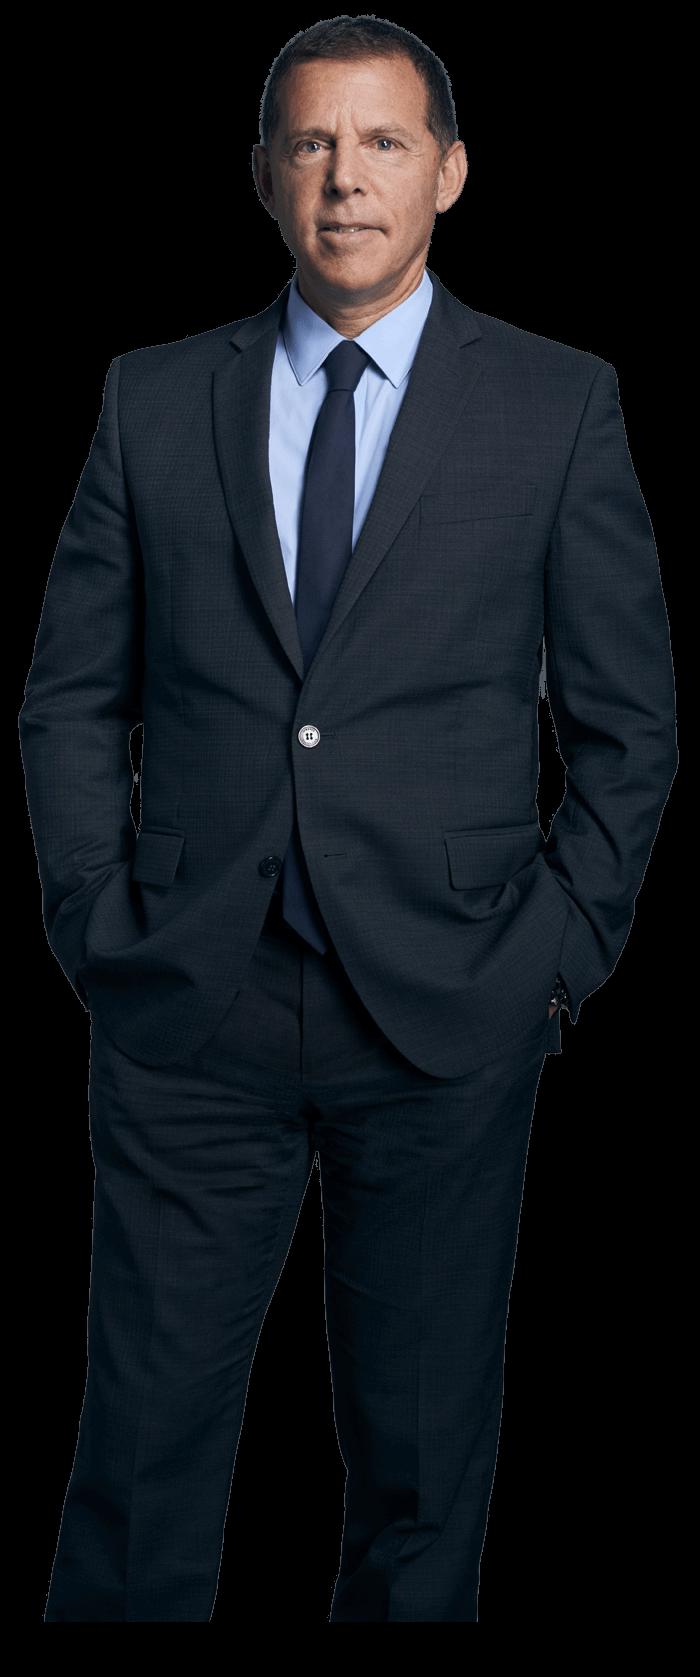 Howard Oksenberg